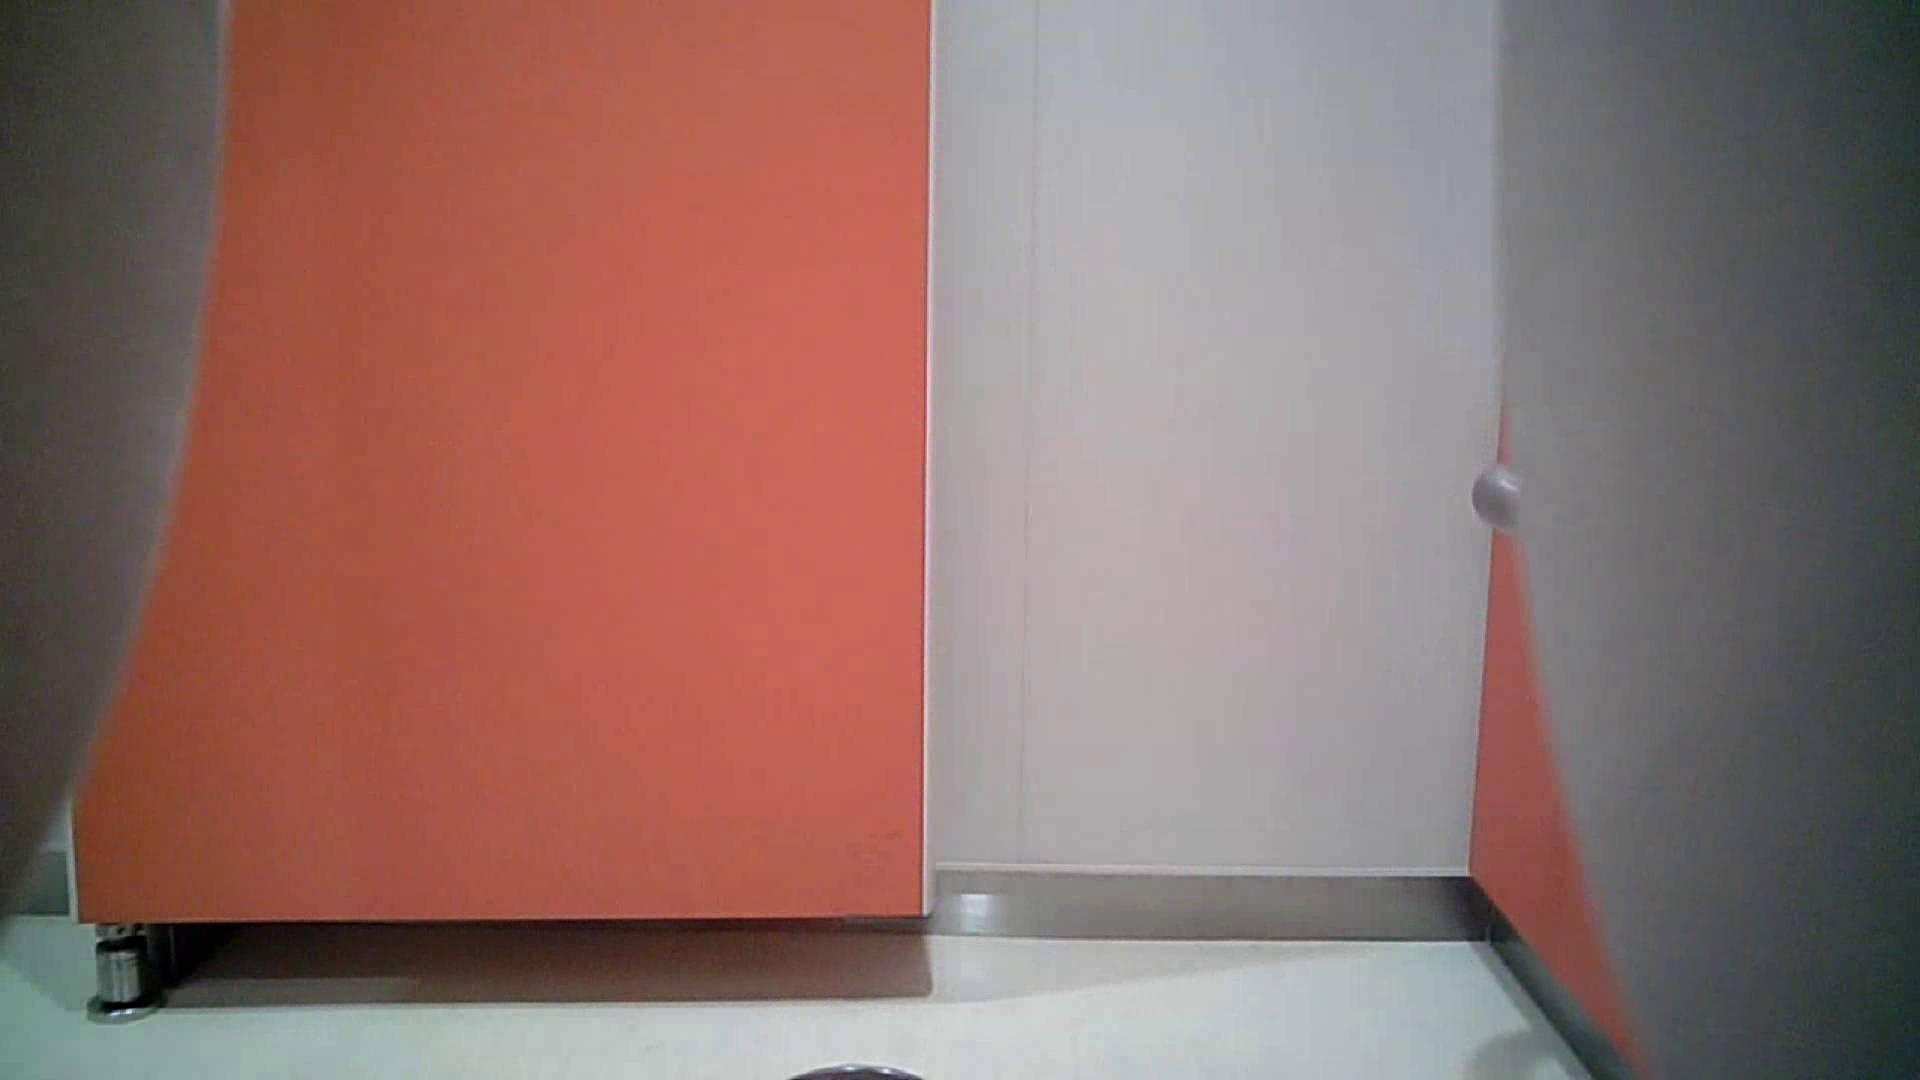 痴態洗面所 Vol.02 マスクが邪魔なんですよ。マスクが・・・。 HなOL セックス画像 83pic 58